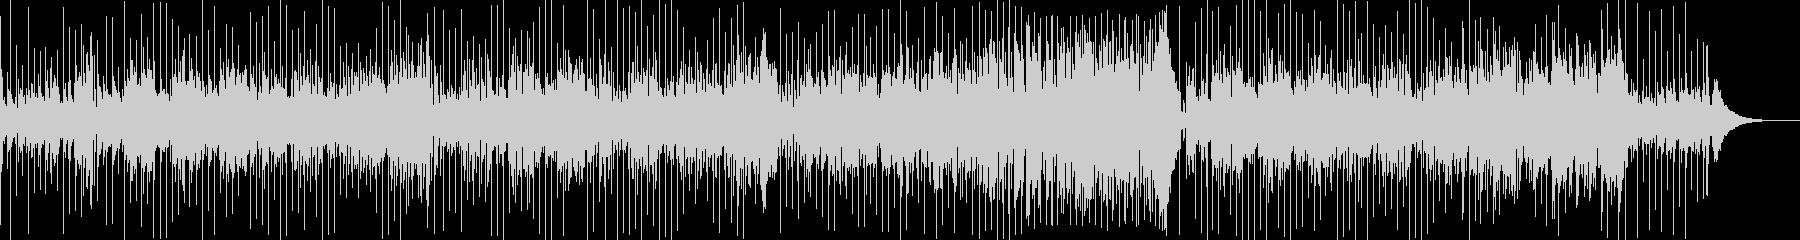 ラテンフィーリングを感じるソロギターの未再生の波形